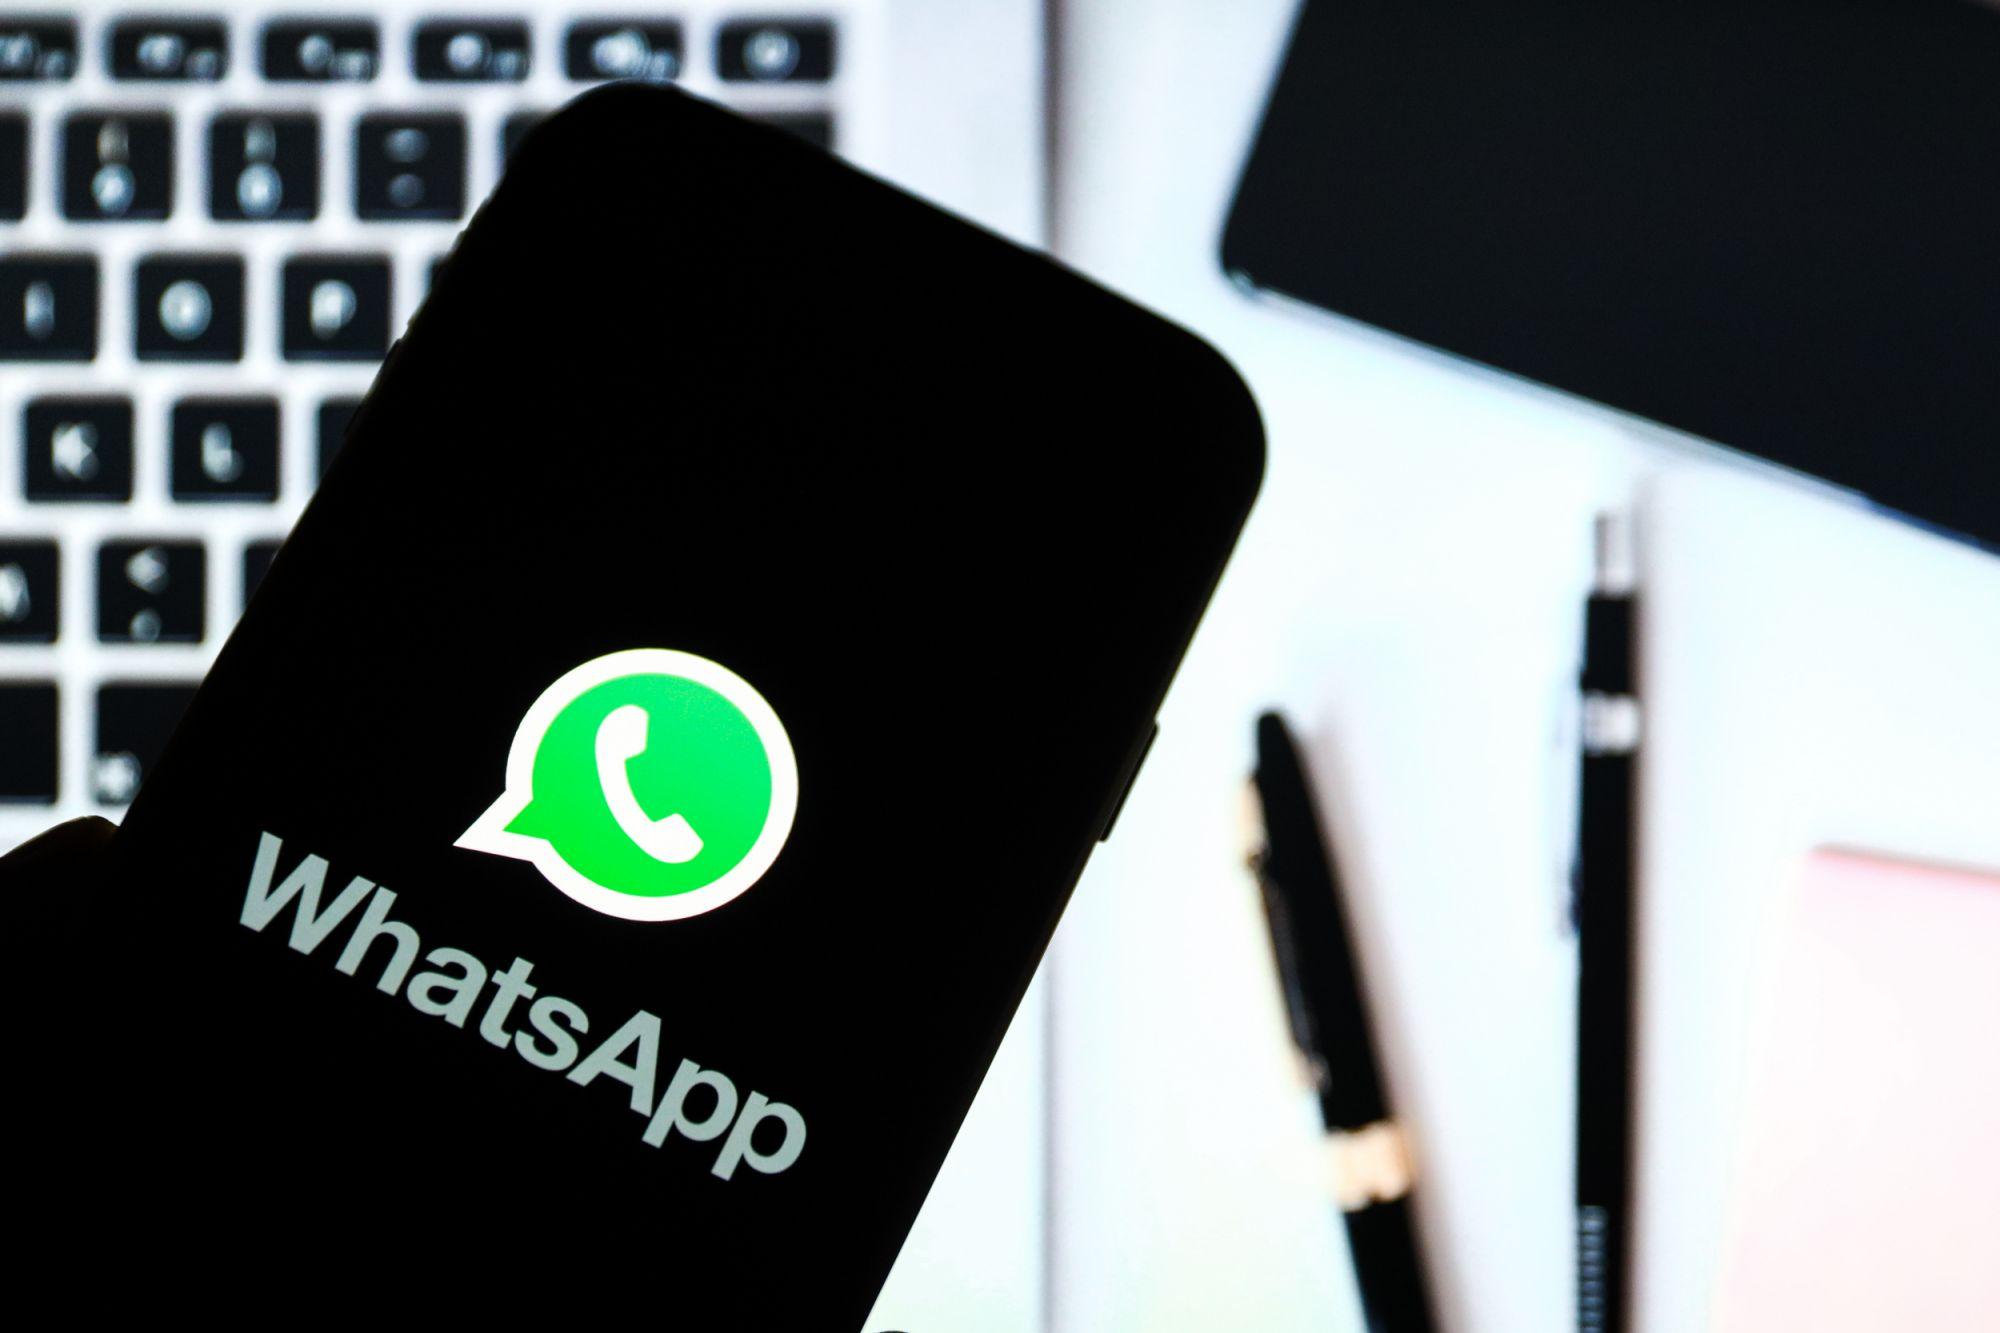 واتساپ شیوه ای جدید برای تایید هویت را آزمایش میکند